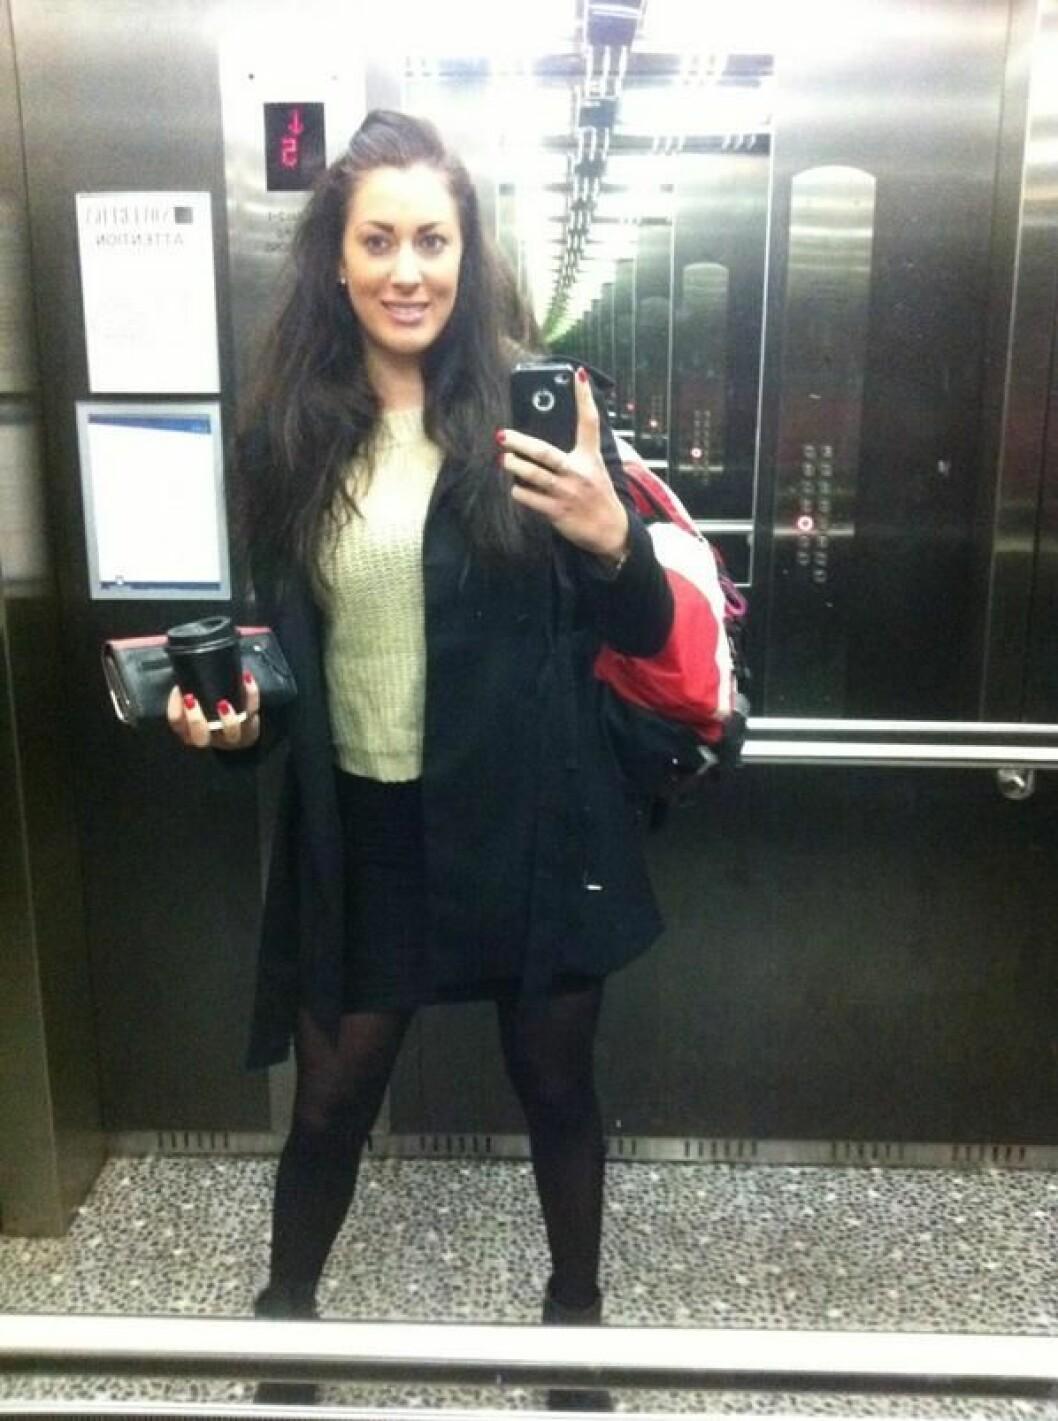 Josefin capllonch står i en hiss